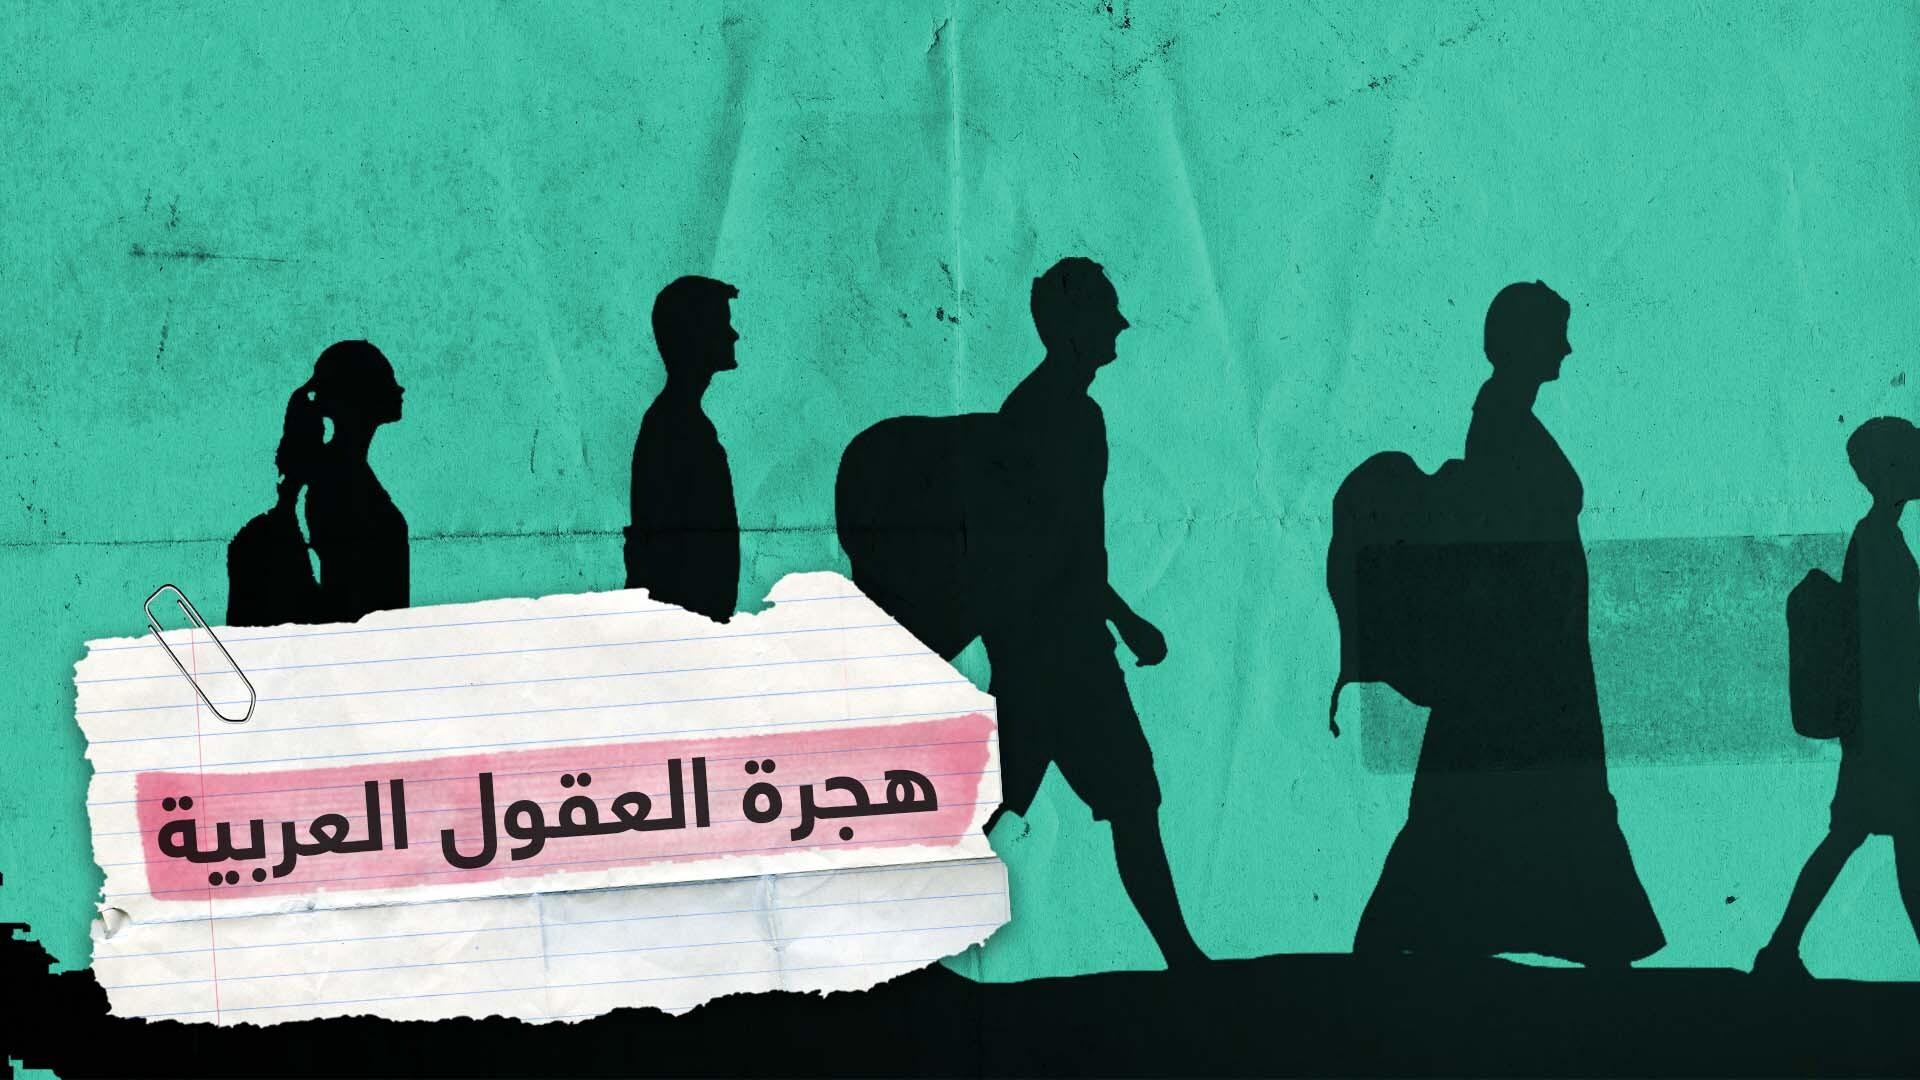 بعد واقعة المغربي بوخرصة.. ما أسباب هجرة المواهب العربية؟ وإلى متى؟